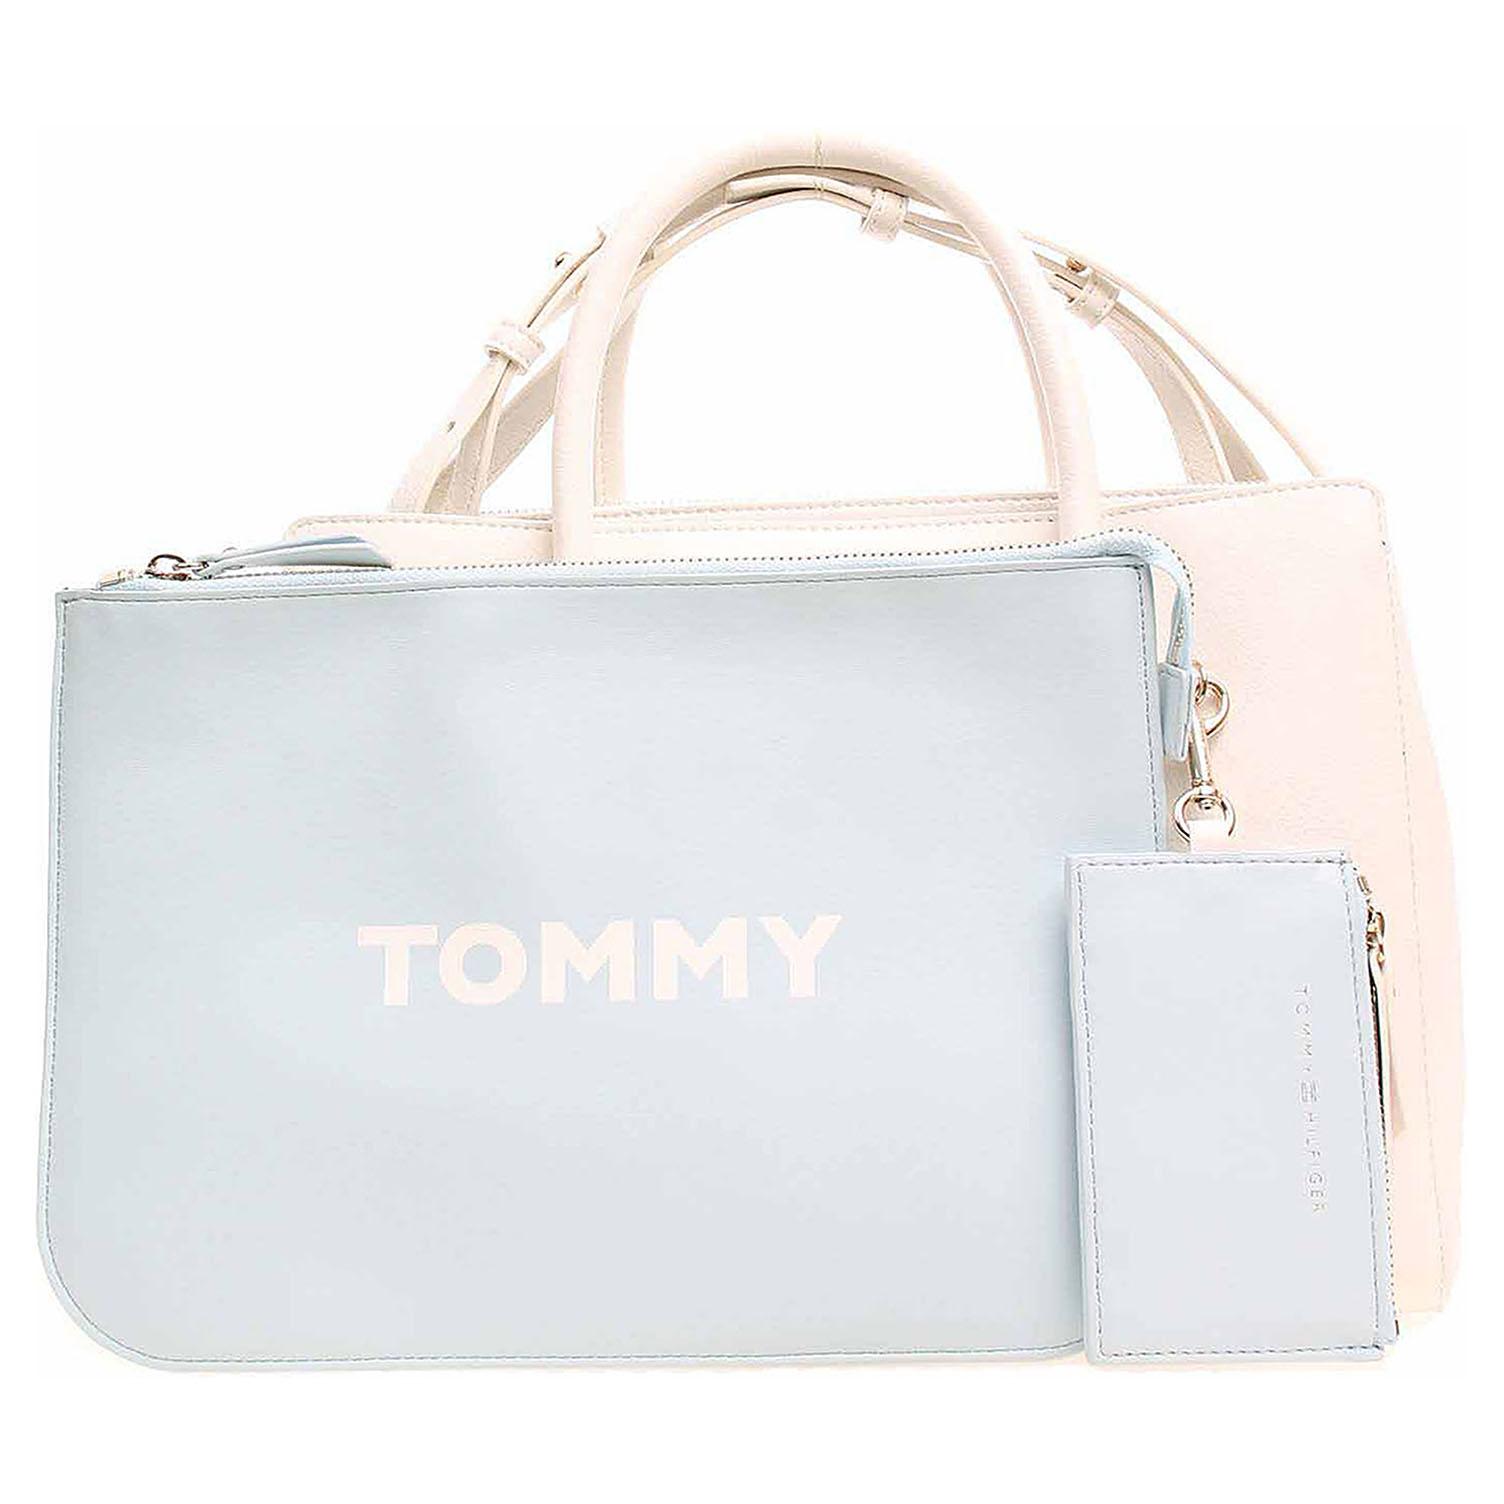 Ecco Tommy Hilfiger dámská kabelka AW0AW06487 104 bright white-tommy navy  11891496 d6577361684